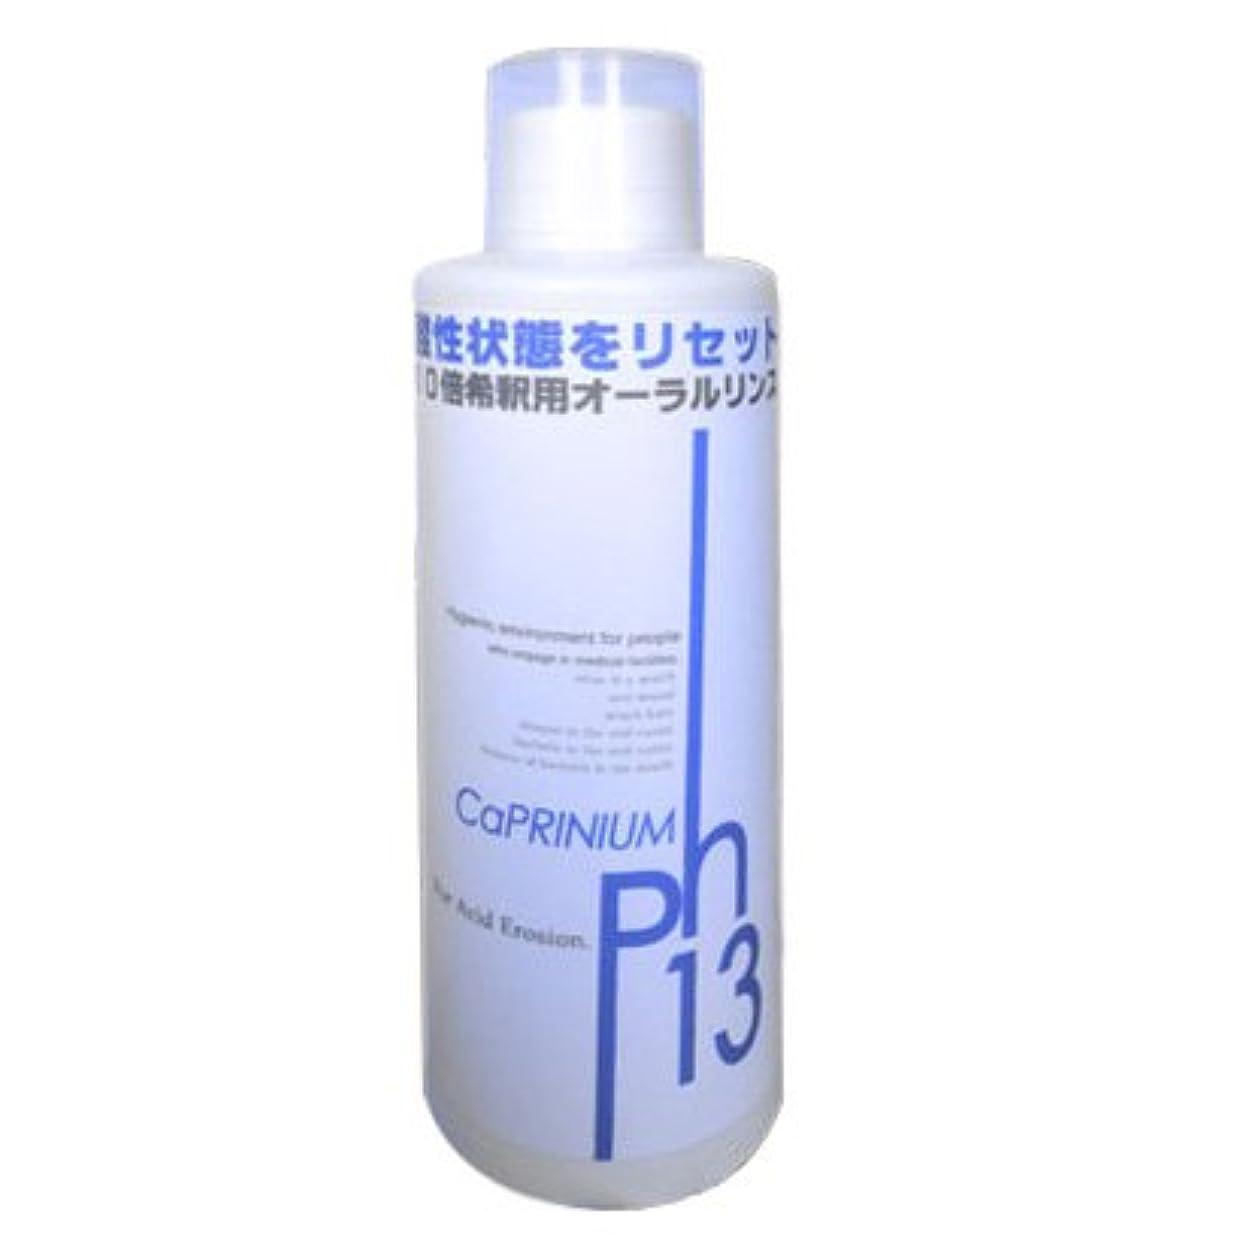 人気の吐き出す電圧カプリニウム サーティーンリンス(CaPRINIUM 13)